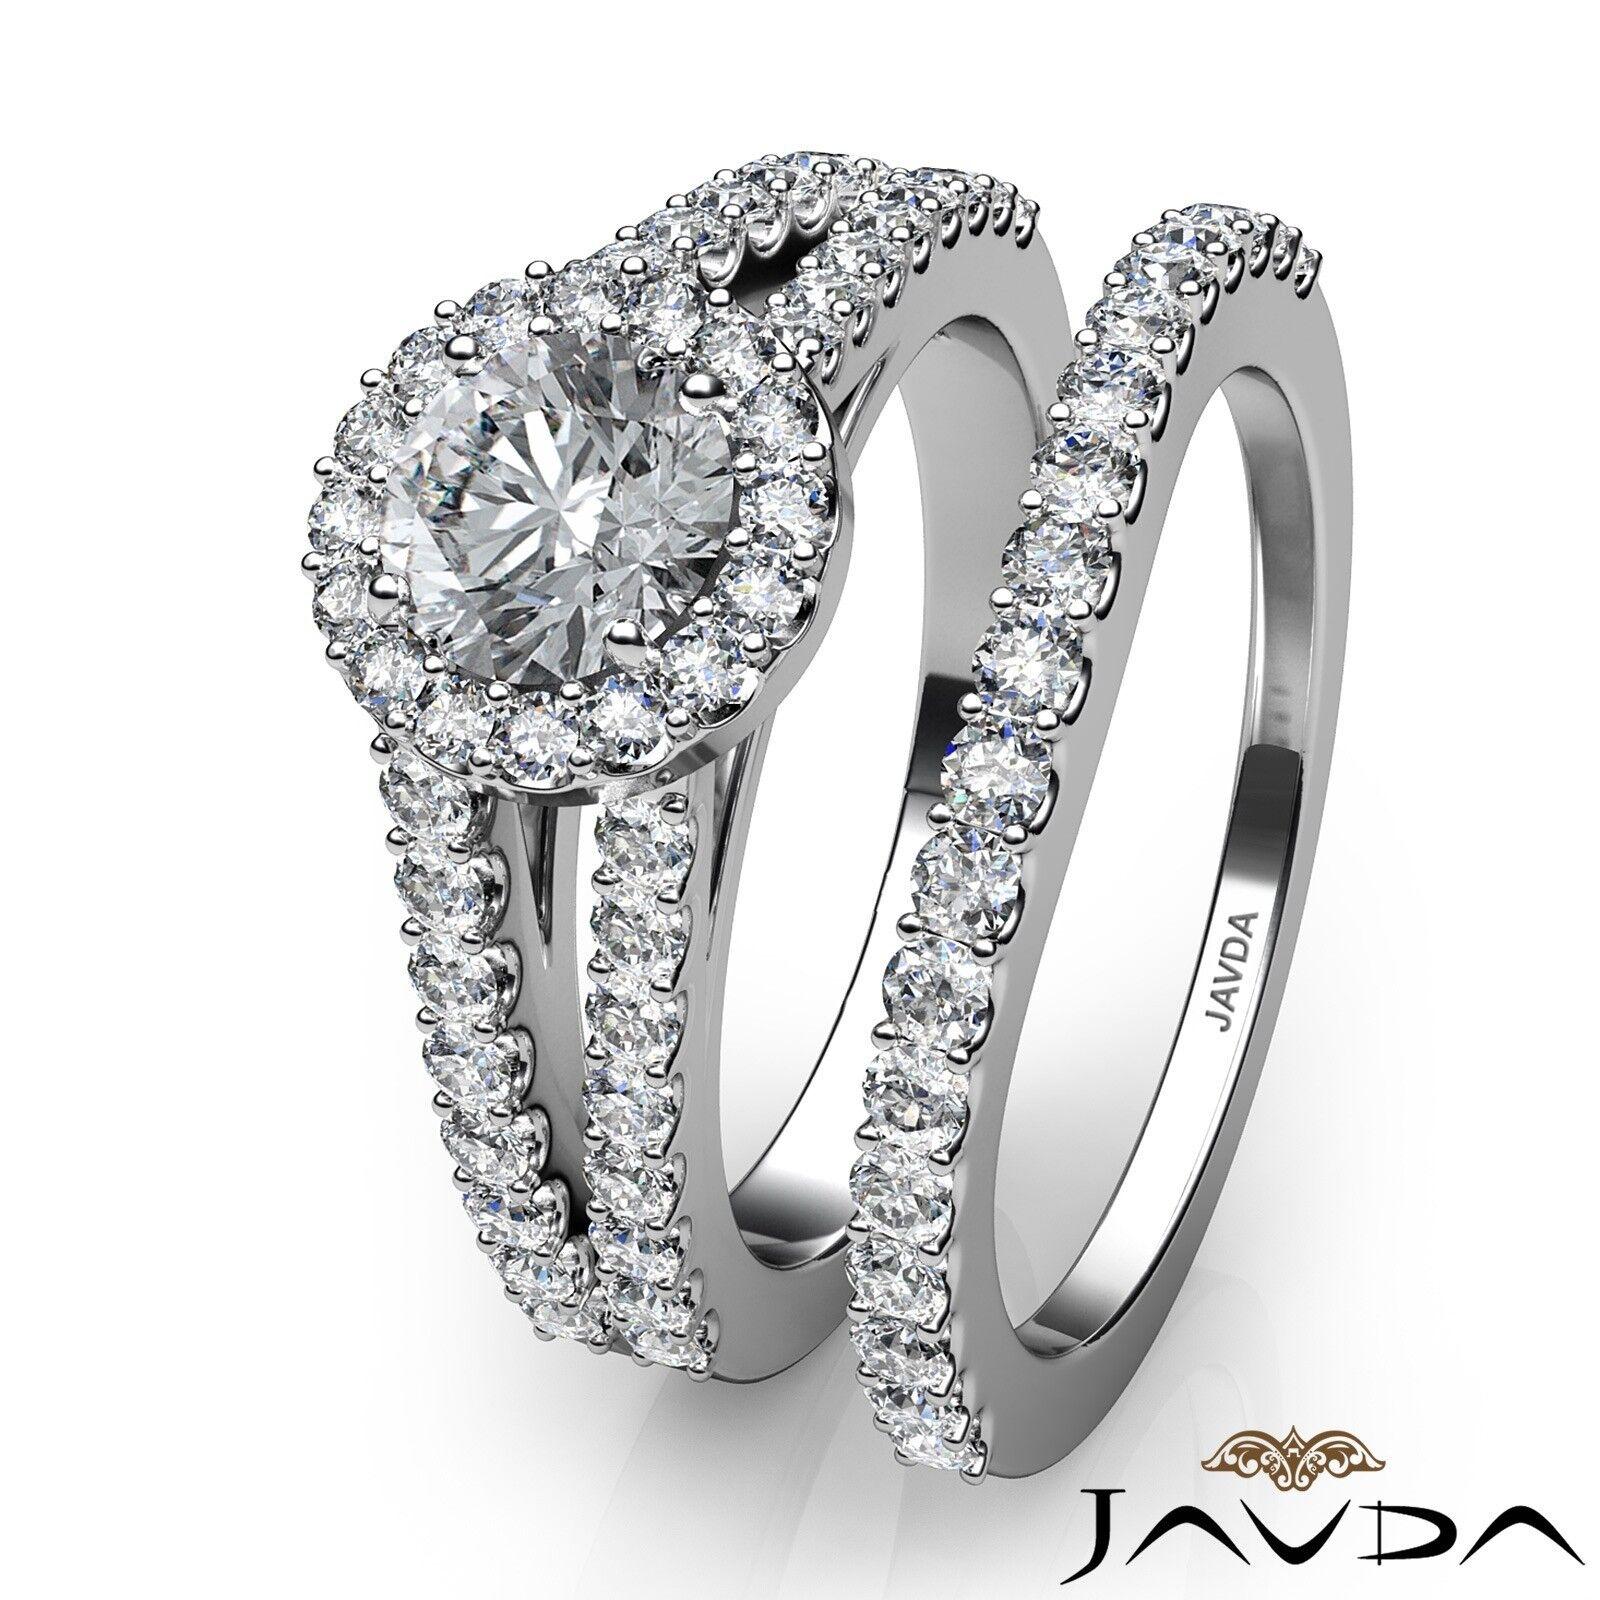 1.65ctw Luxurious Wedding Bridal Round Diamond Engagement Ring GIA E-VVS2 W Gold 3